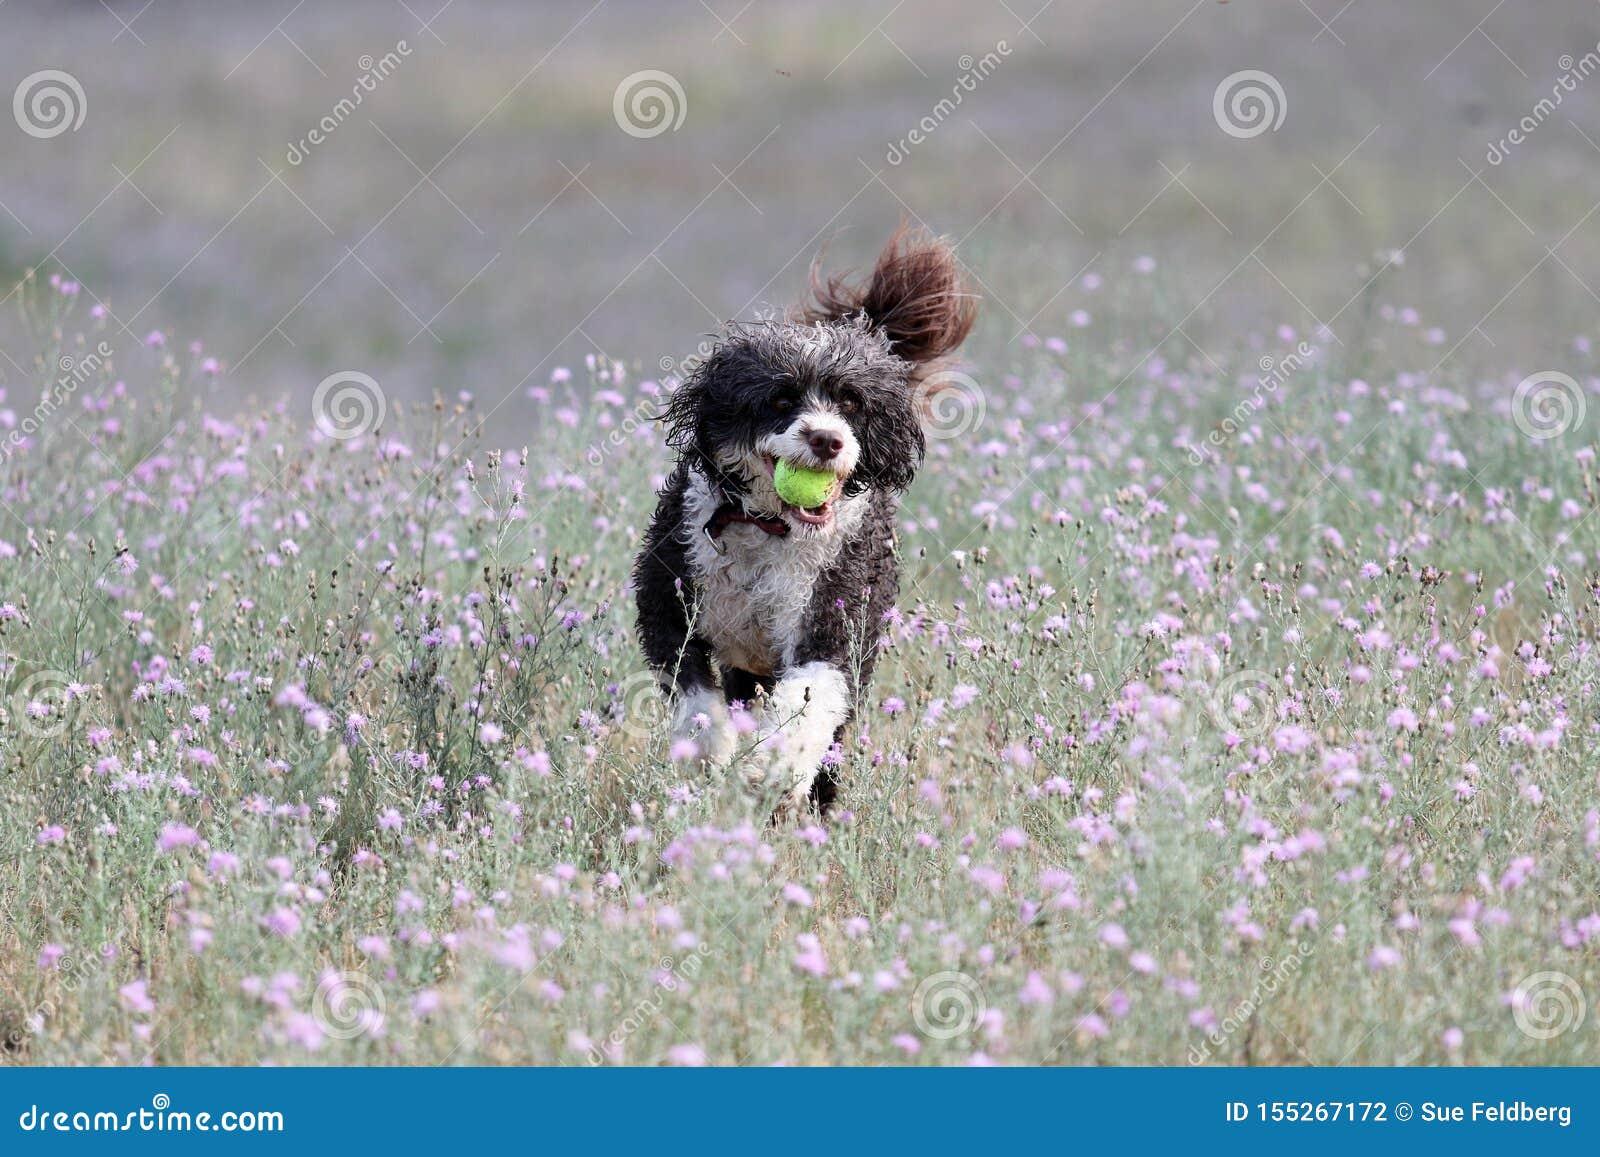 Σκυλί που τρέχει μέσω των θερινών λουλουδιών με μια σφαίρα